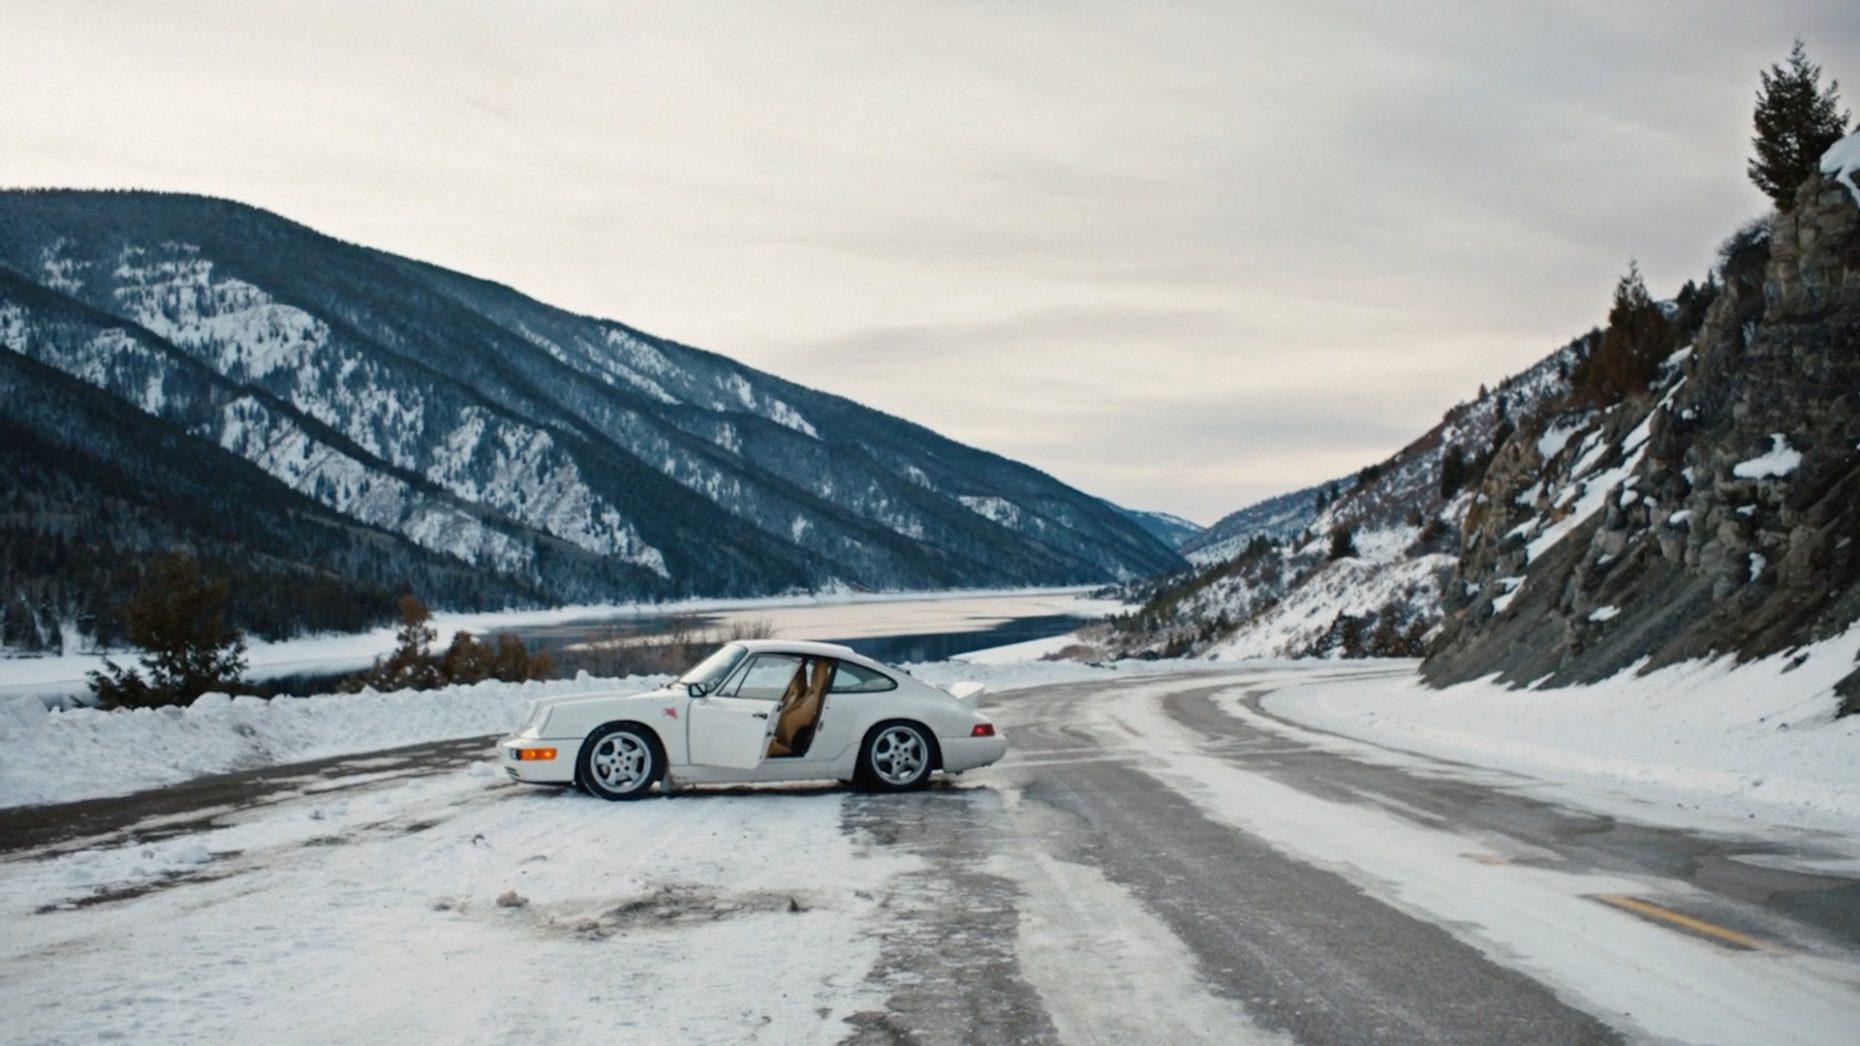 Aimé Leon Dore 964 Porsche Carrera 4